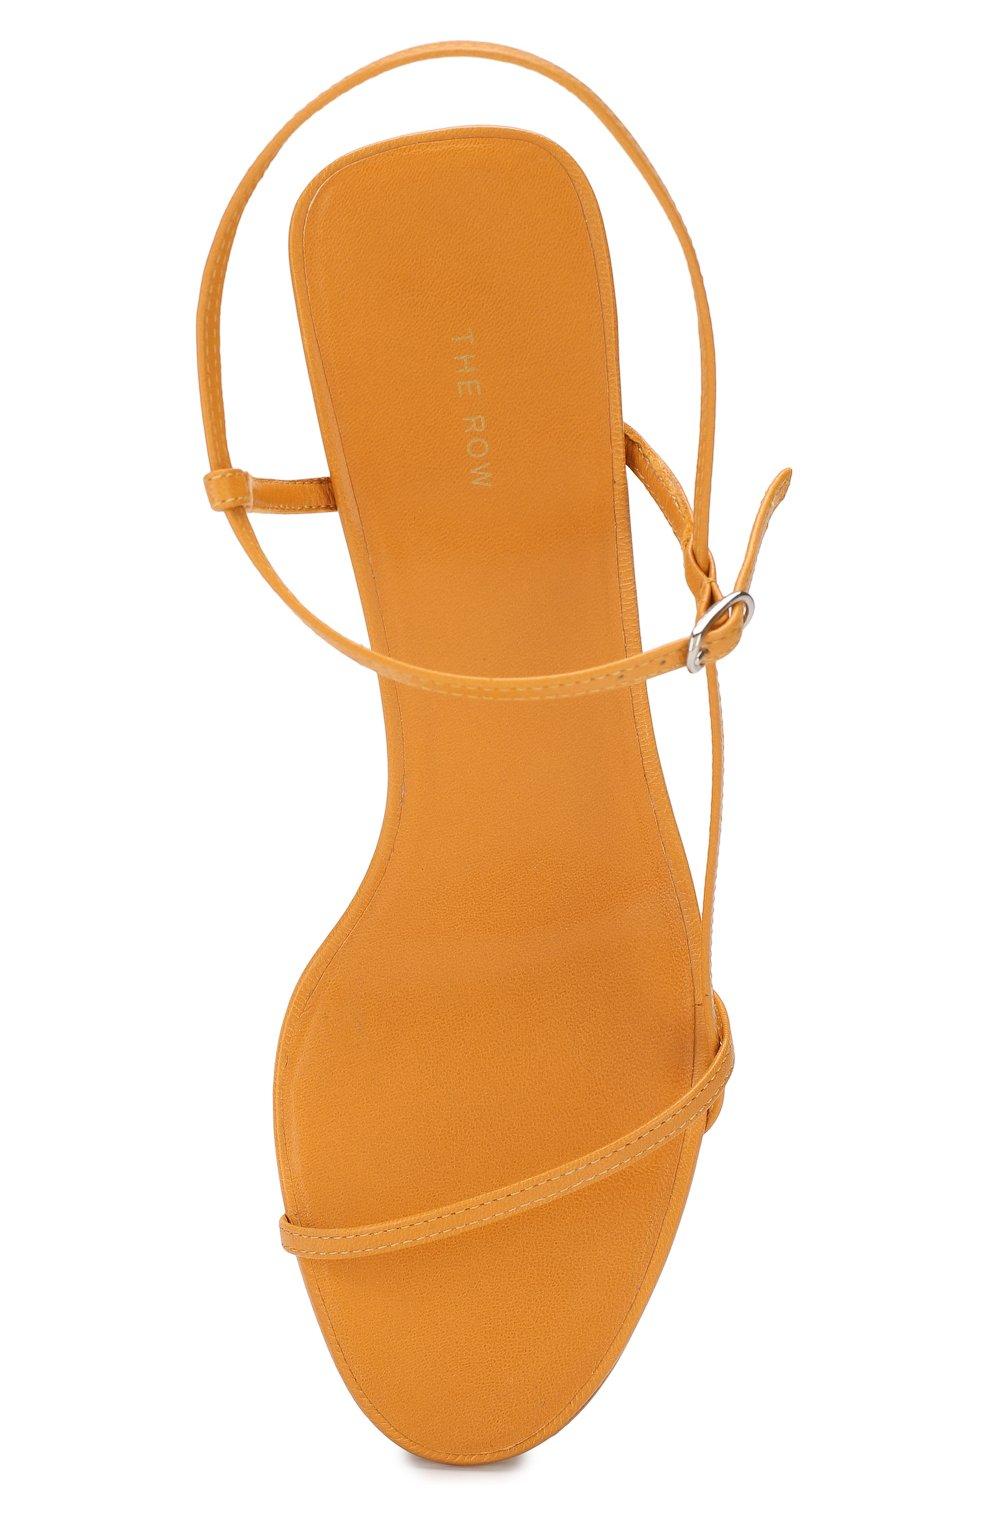 Кожаные босоножки Bare The Row оранжевые | Фото №5